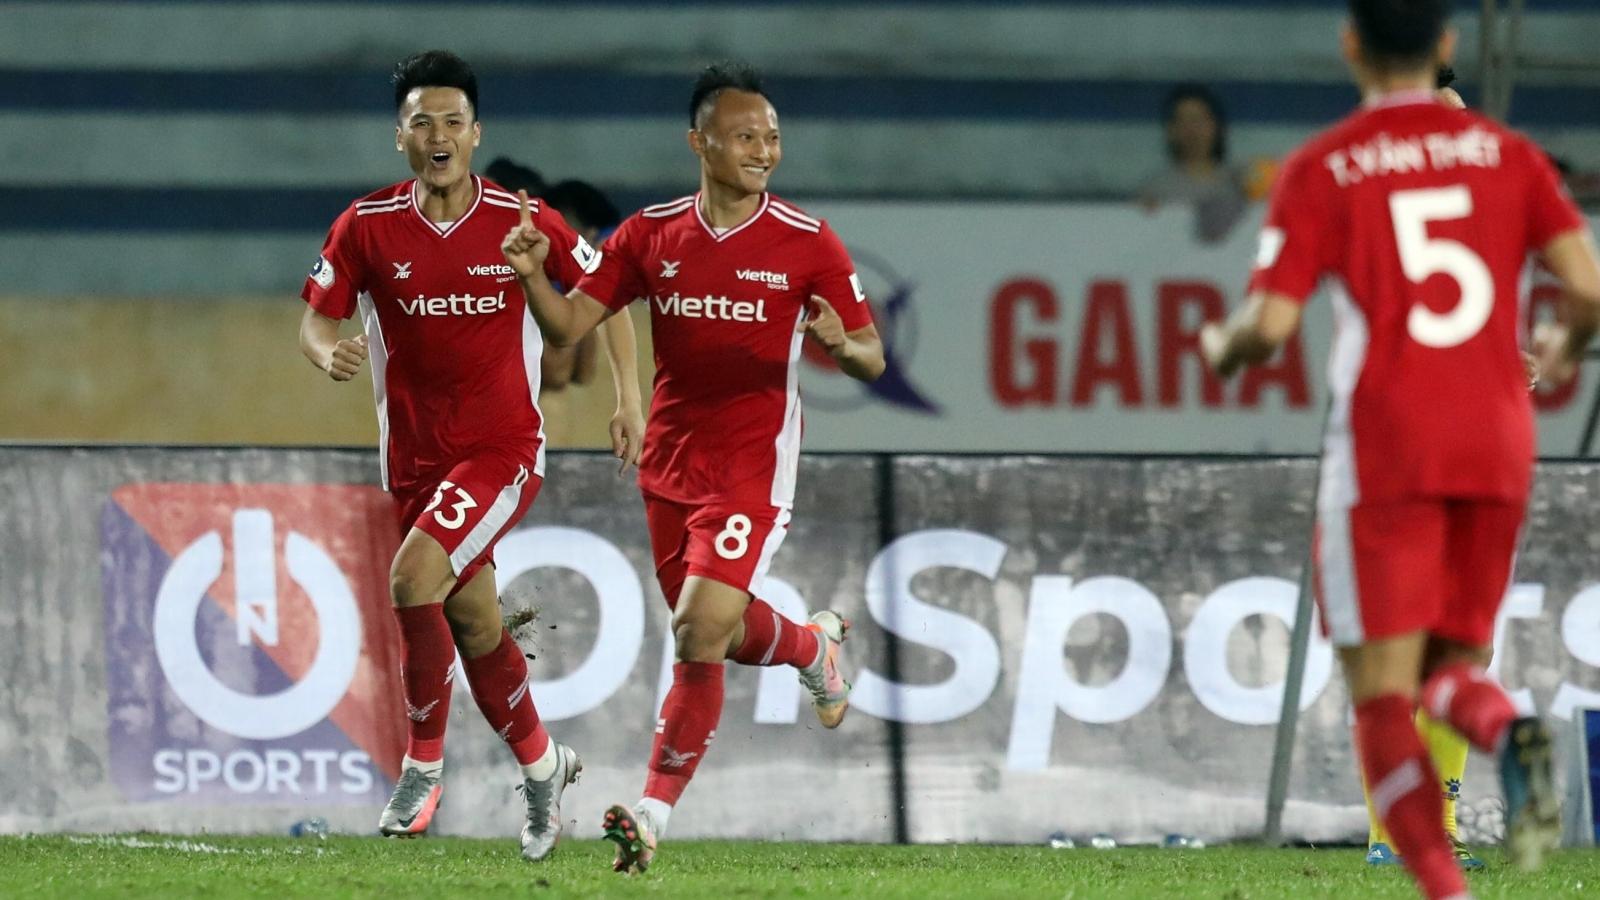 Bảng xếp hạng V-League 2021 mới nhất: Viettel vào tốp 3, HAGL tụt hạng